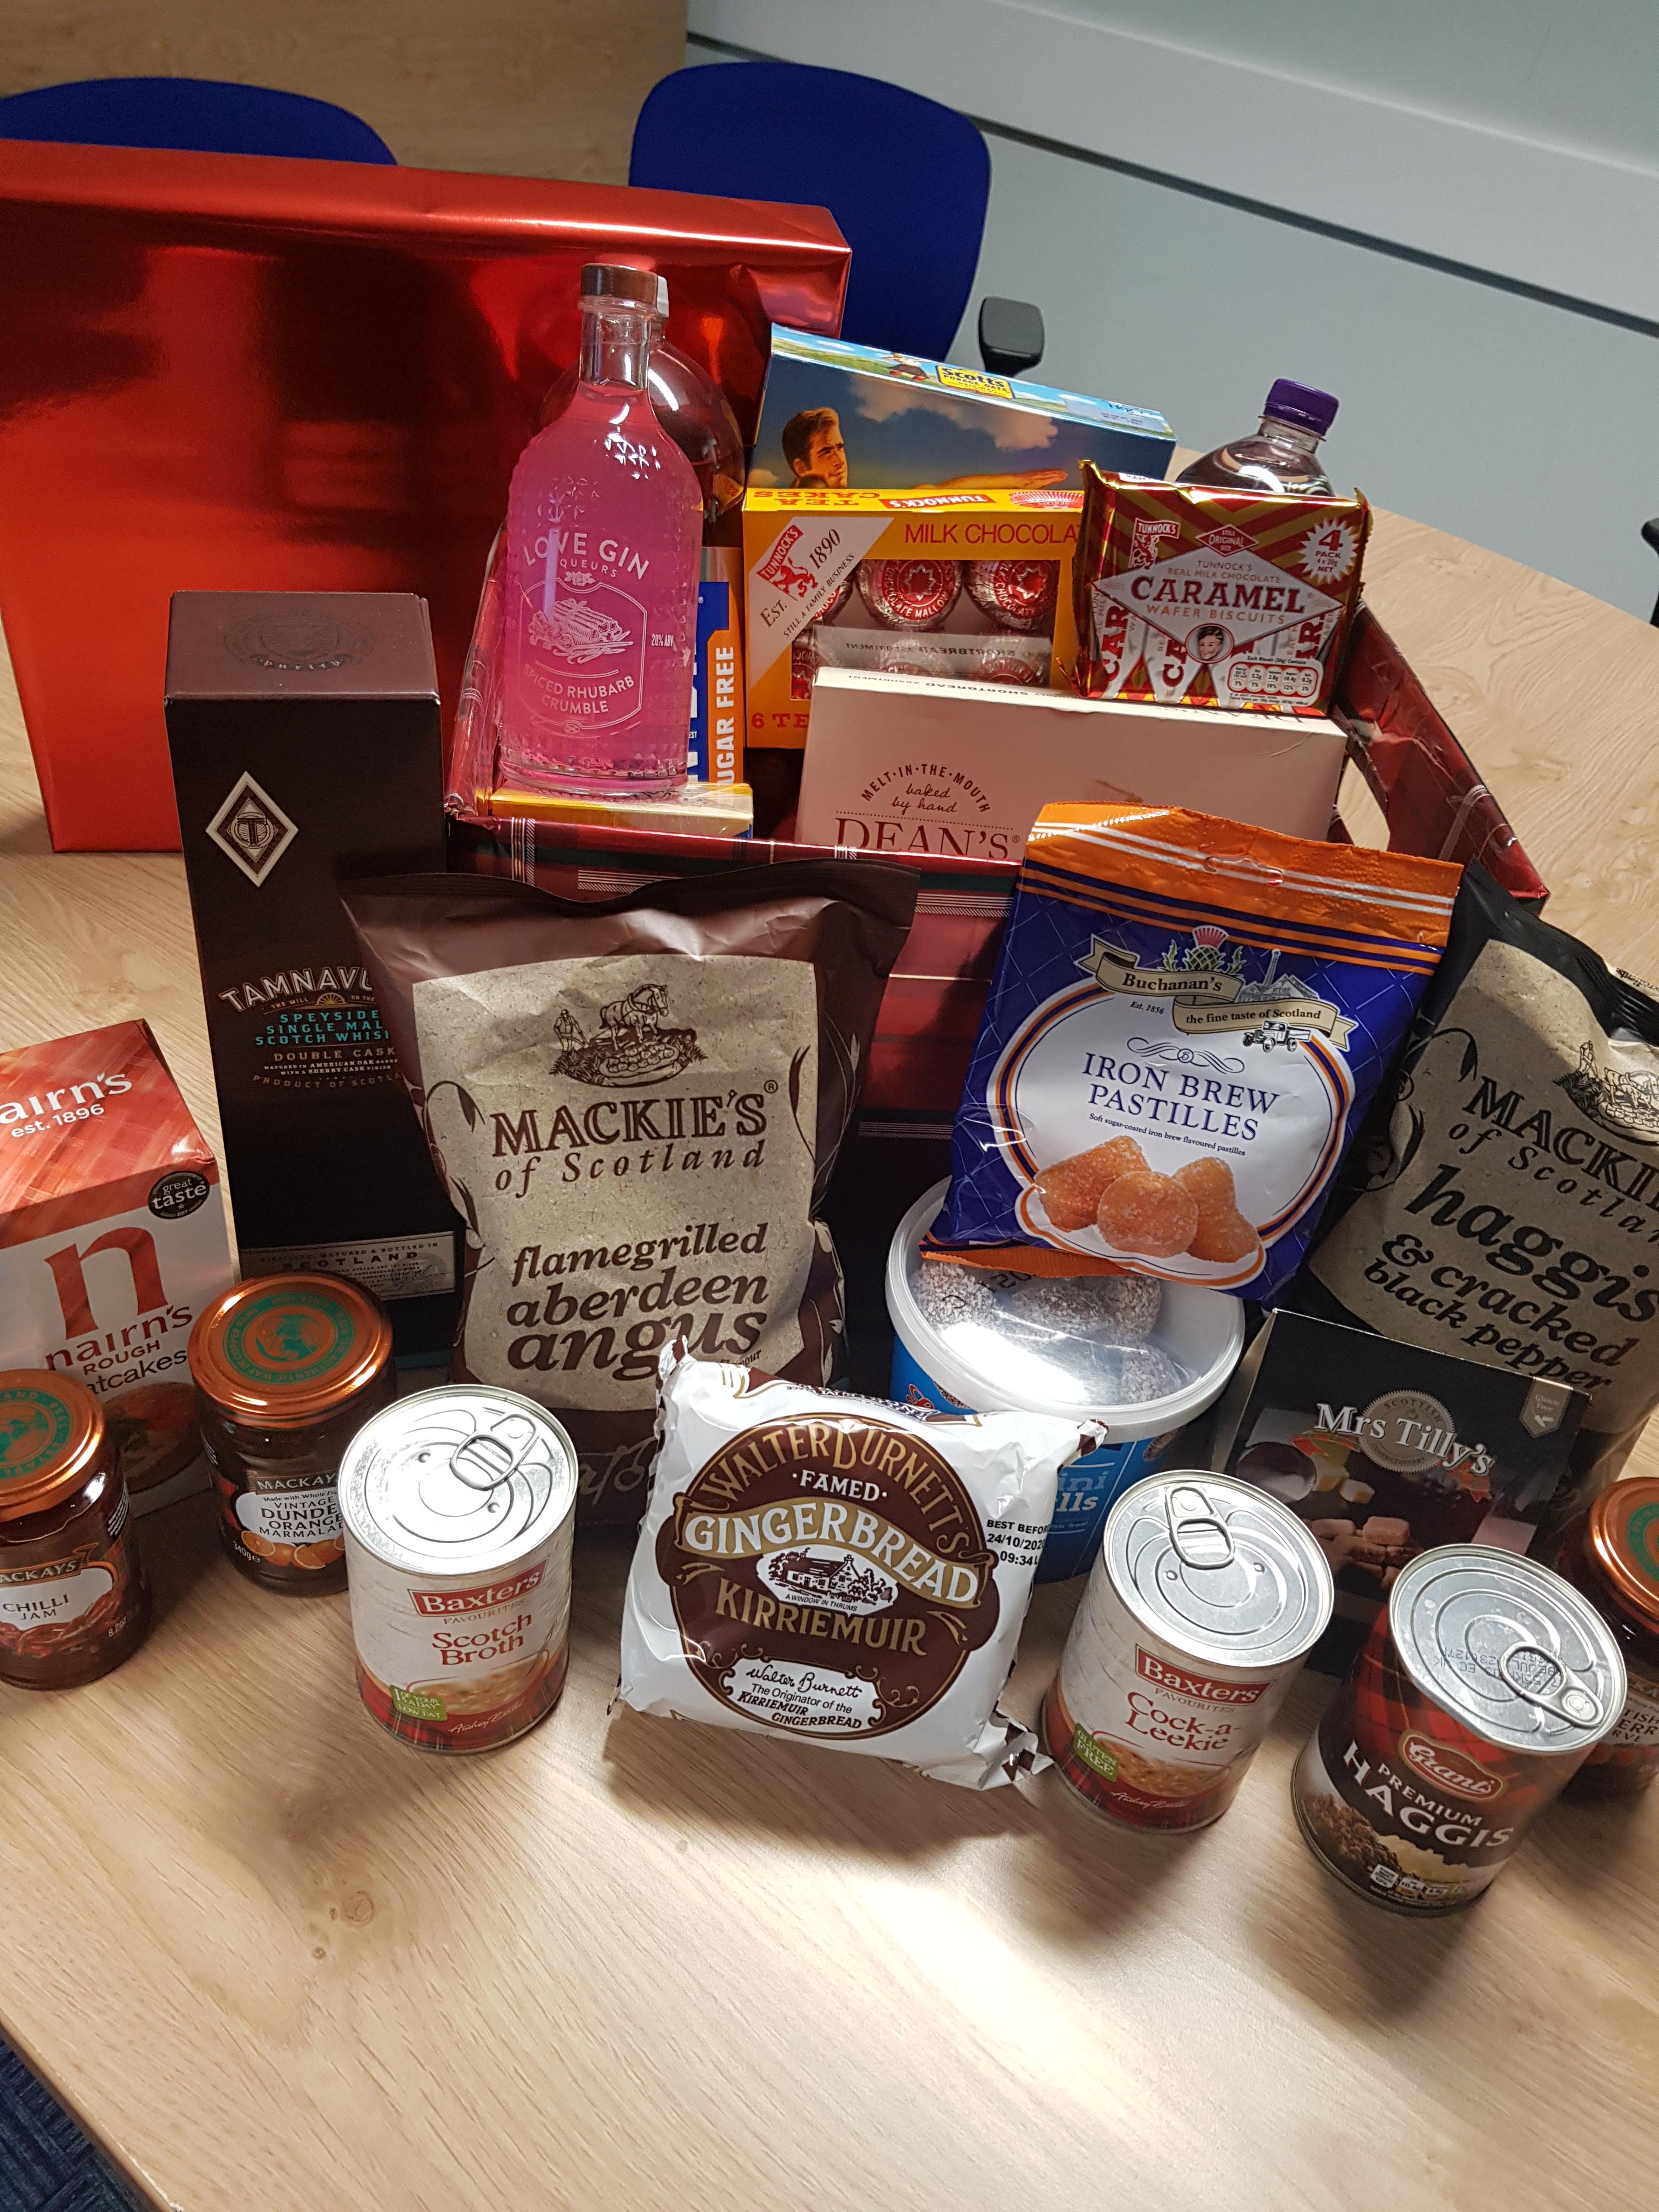 Hamper of Scottish food and drink